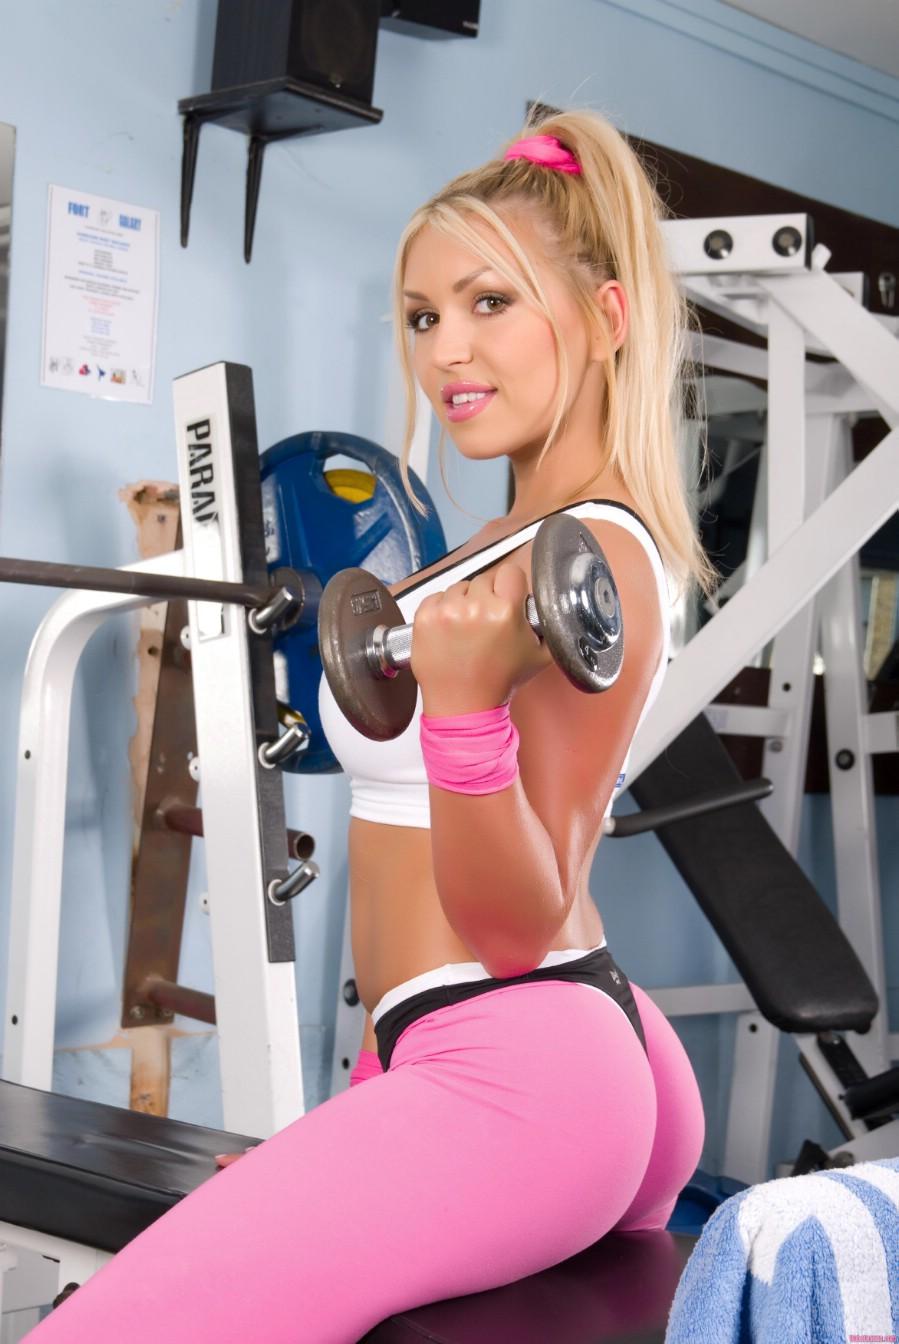 Телочка позирует в спортивной одежде 8 фотография